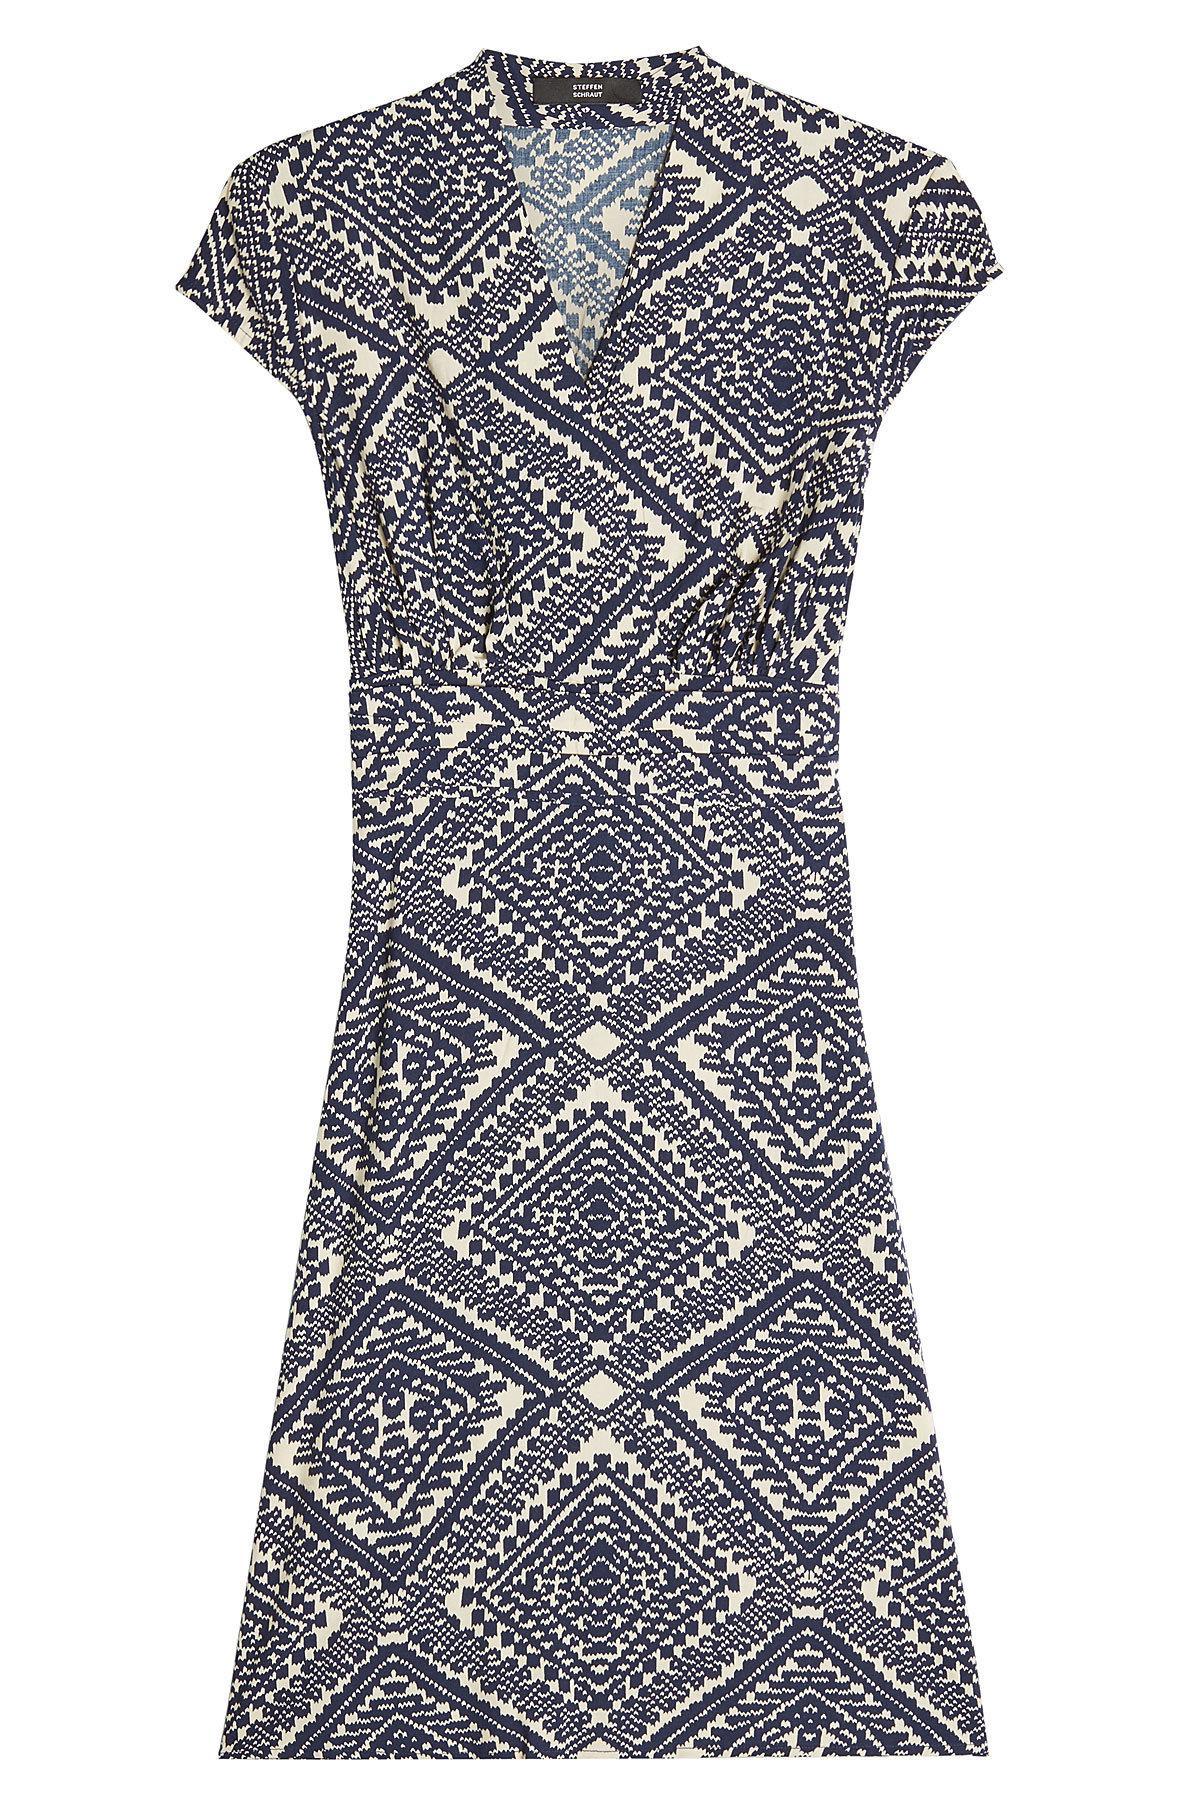 Steffen Schraut Printed Dress In Blue